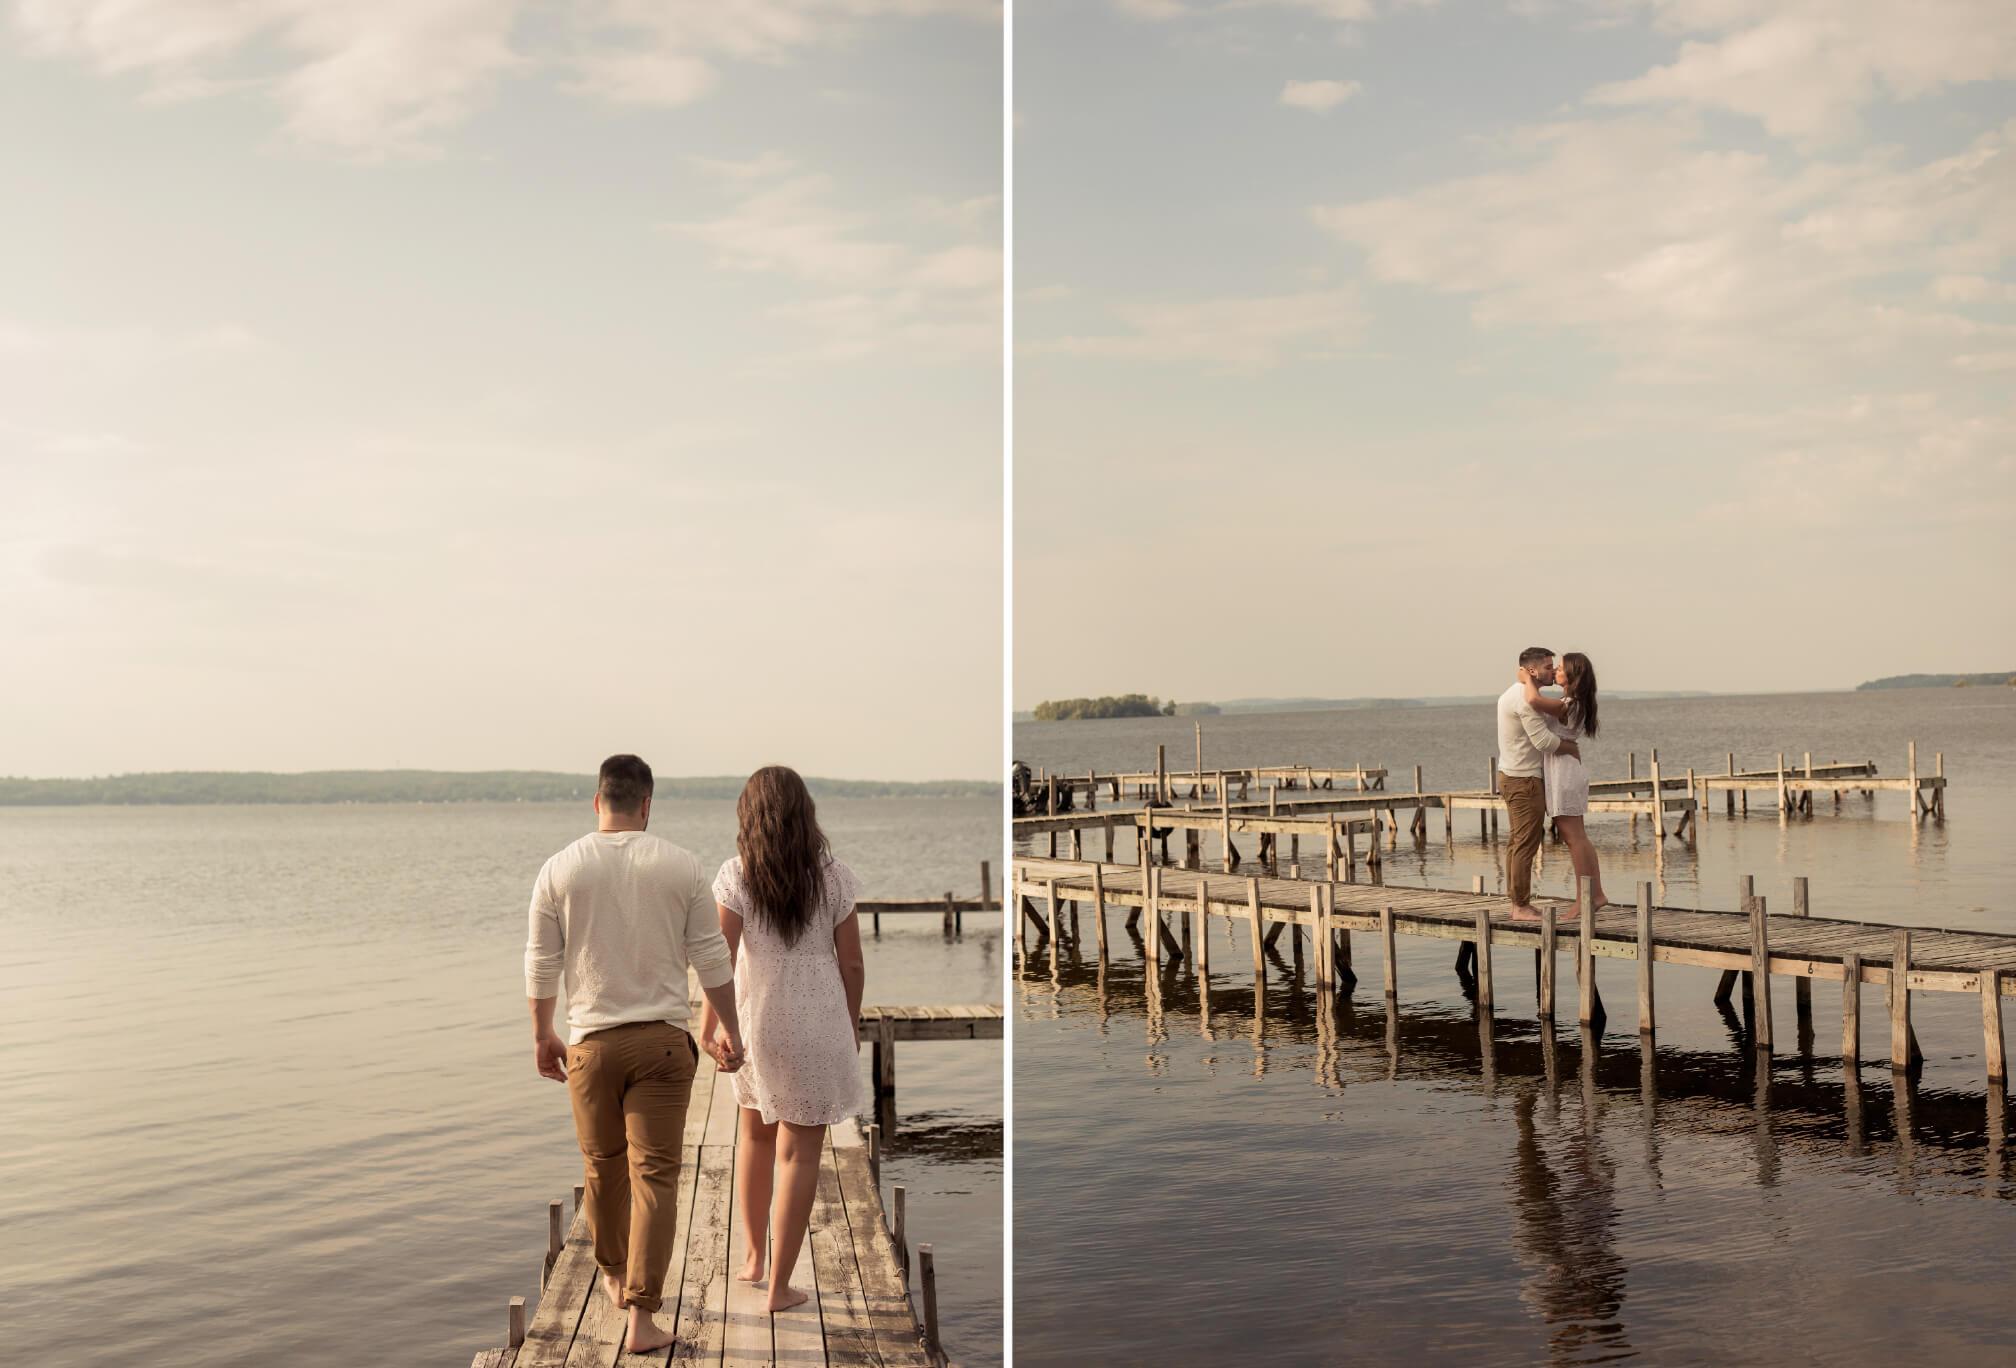 lakeside engagement photos ontario